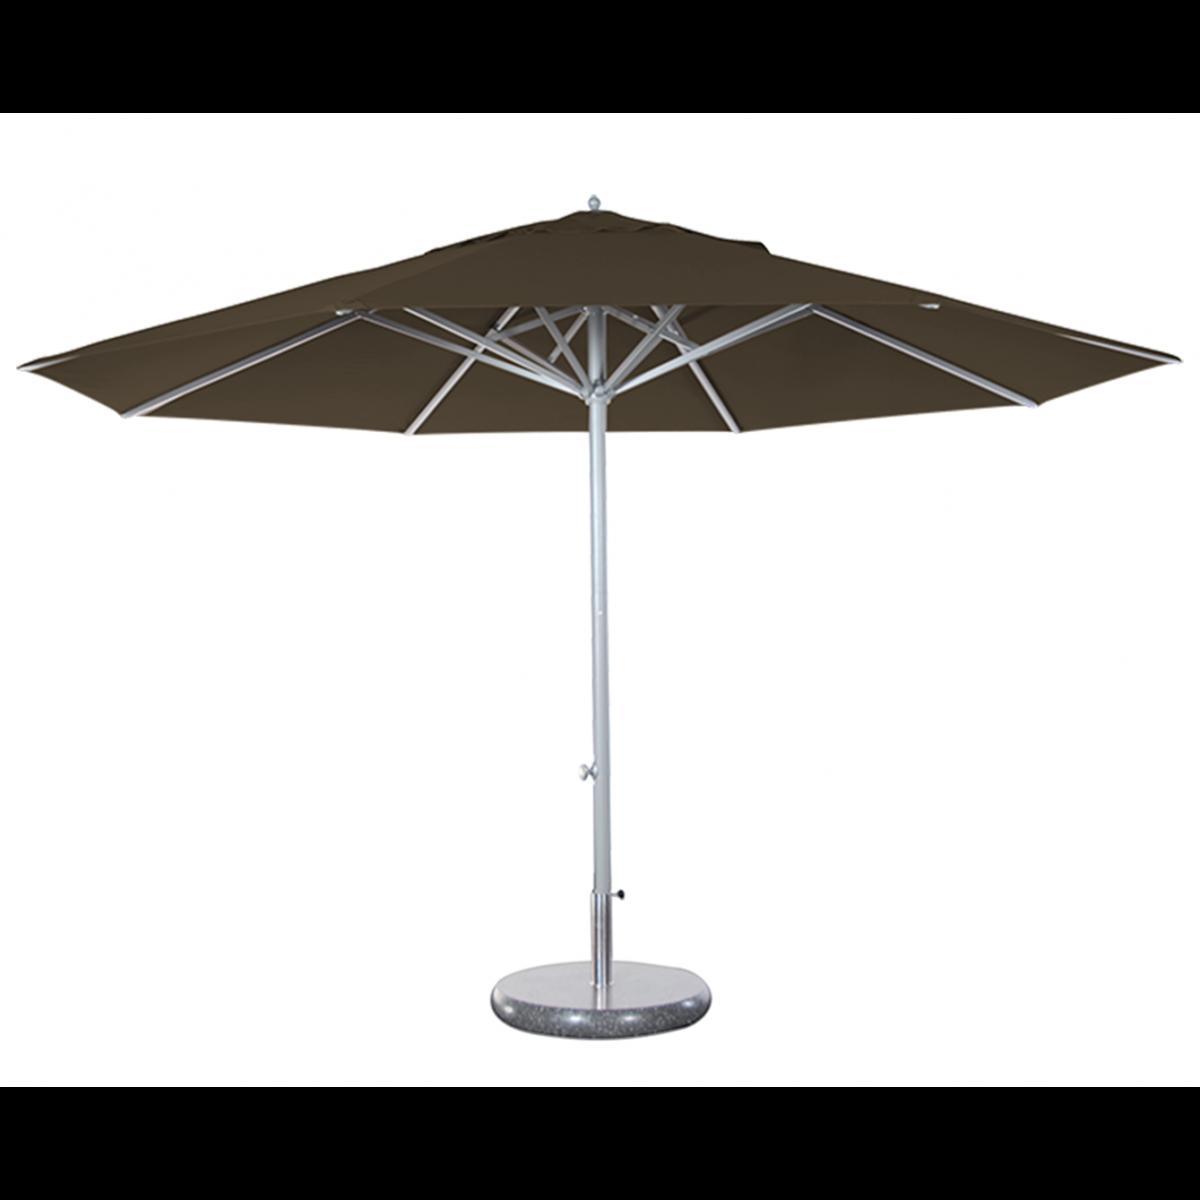 parasol presto de solero mat central ouverture et. Black Bedroom Furniture Sets. Home Design Ideas